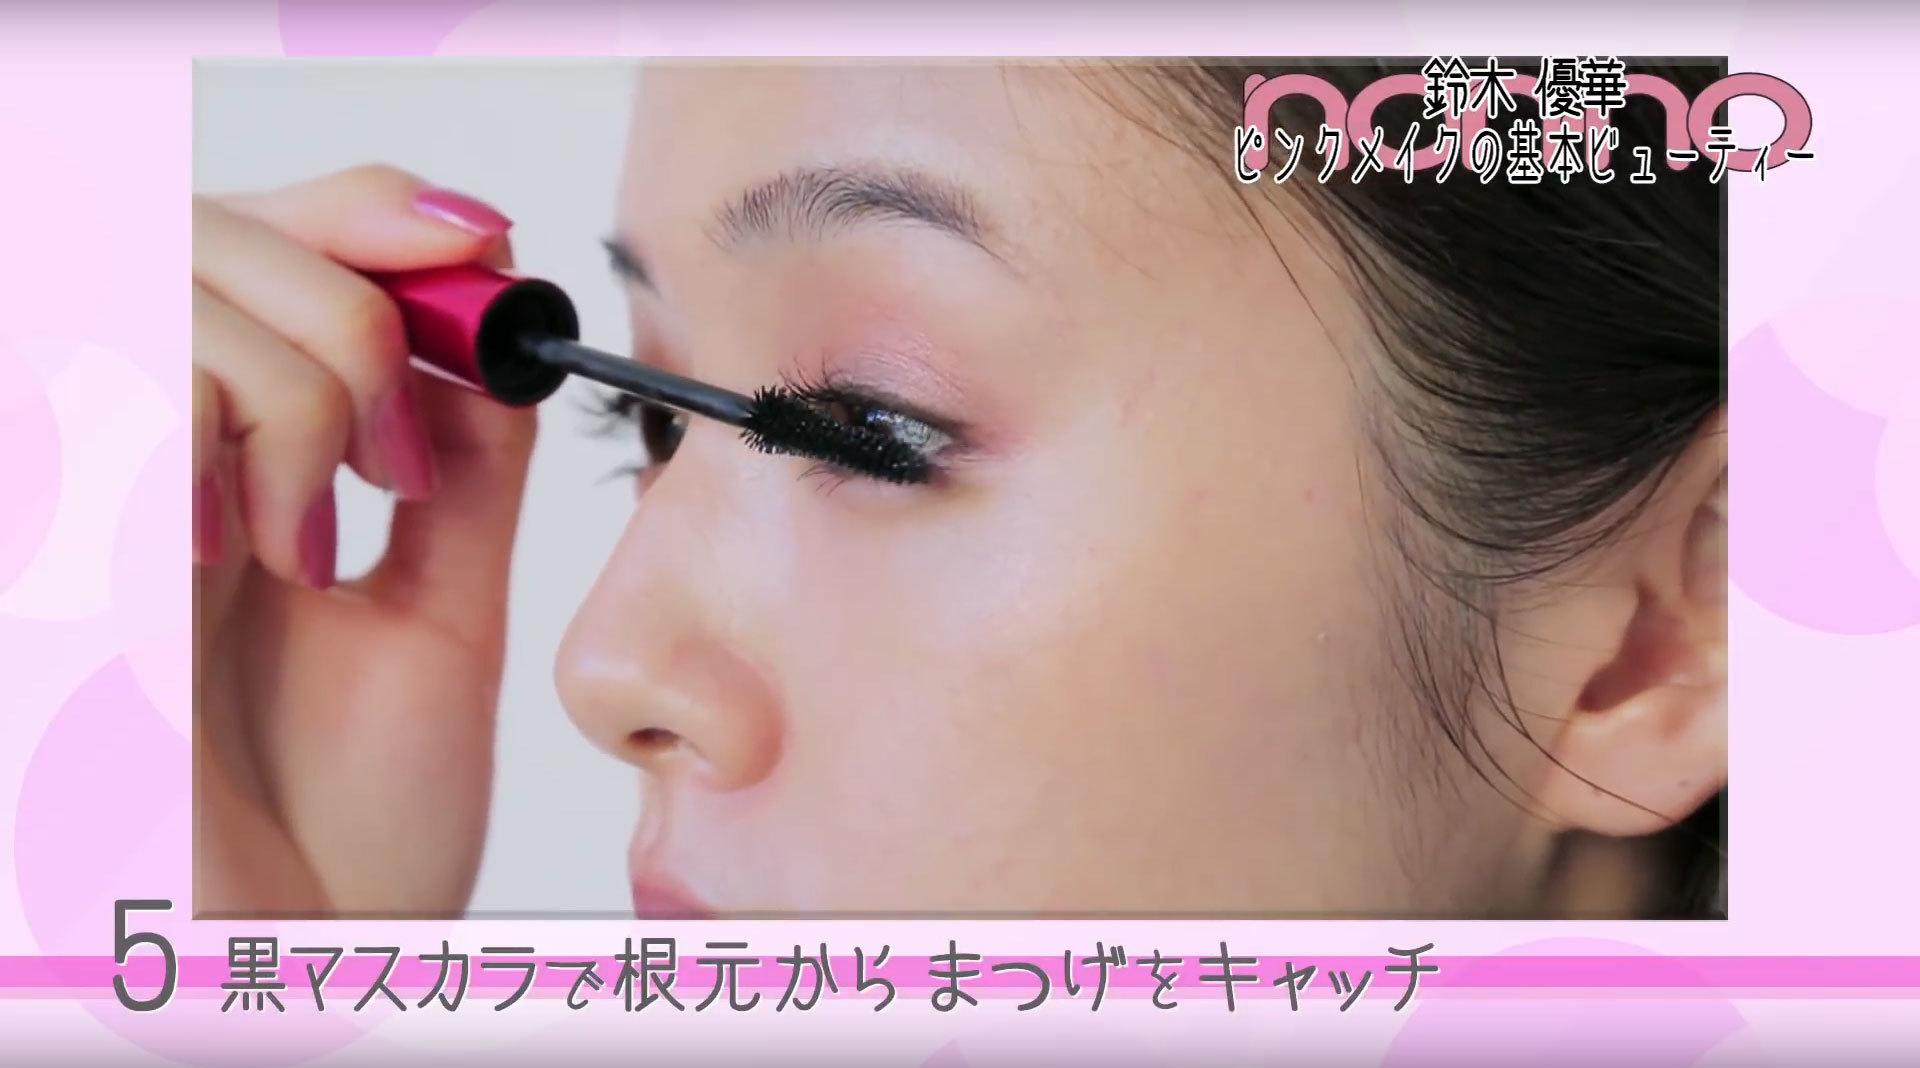 春一番♡ 基本のピンクメイクが動画でよーくわかる!【可愛いの基本Beauty】_1_1-5